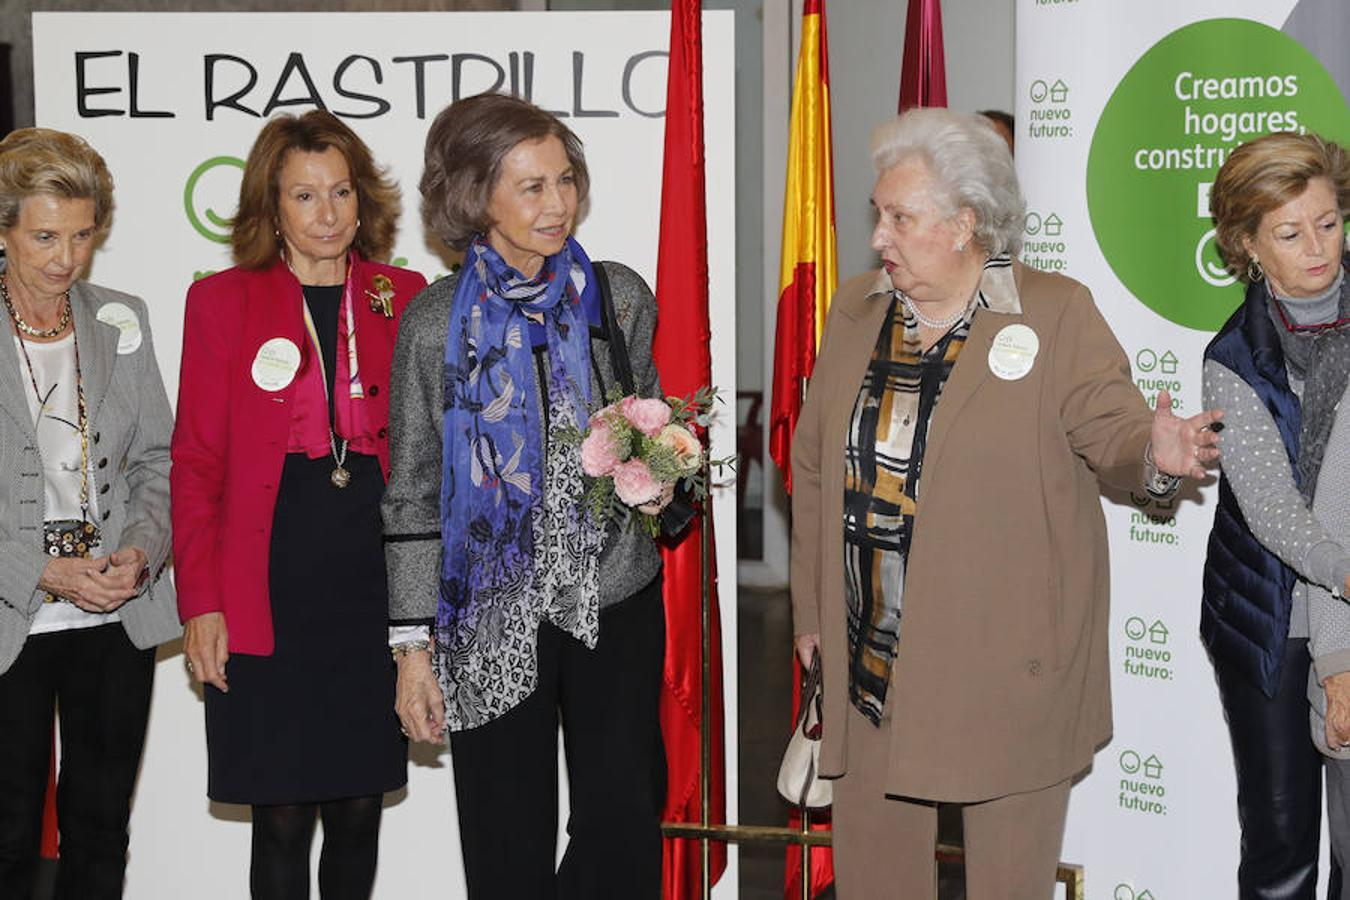 La Reina fue recibida a su llegada por su cuñada, la Infanta Doña Pilar, presidenta de honor de Nuevo Futuro, y por Pina Sánchez Errázuriz, presidenta nacional de la asociación.